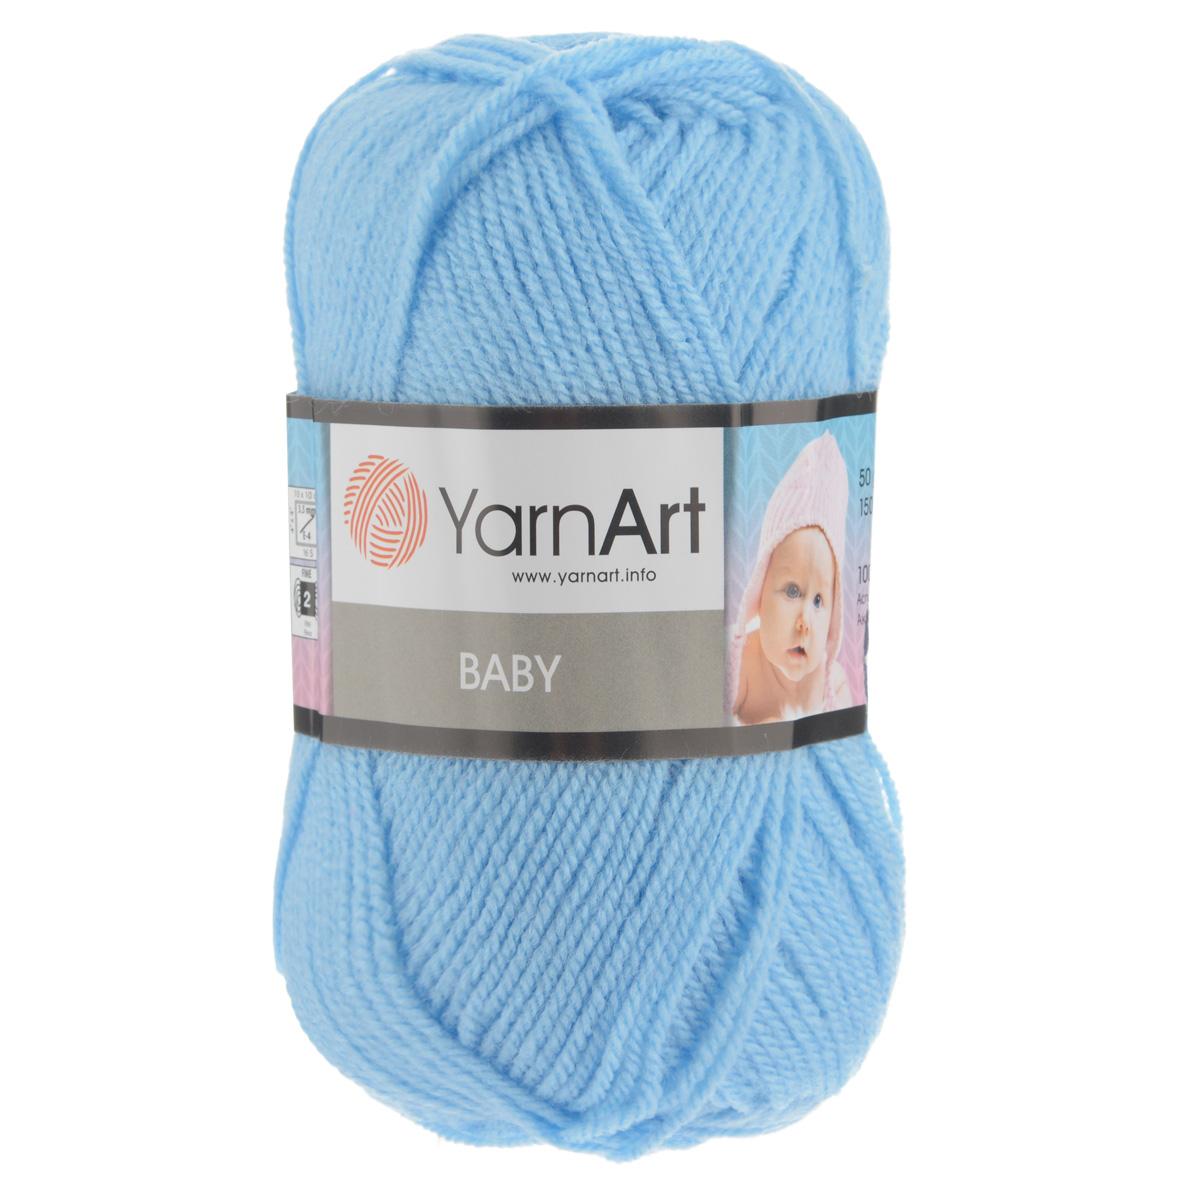 Пряжа для вязания YarnArt Baby, цвет: светло-голубой (215), 150 м, 50 г, 5 шт372023_215Детская пряжа для вязания YarnArt Baby изготовлена из высококачественного 100% акрила. Из пряжи YarnArt Baby получается тонкий и теплый трикотаж для ребенка. Допускается легкая машинная стирка вещей. Цветовая палитра из ярких цветов подходит как для мальчиков, так и для девочек. Рекомендуется для вязания на крючках и спицах 3,5 мм. Состав: 100% акрил.